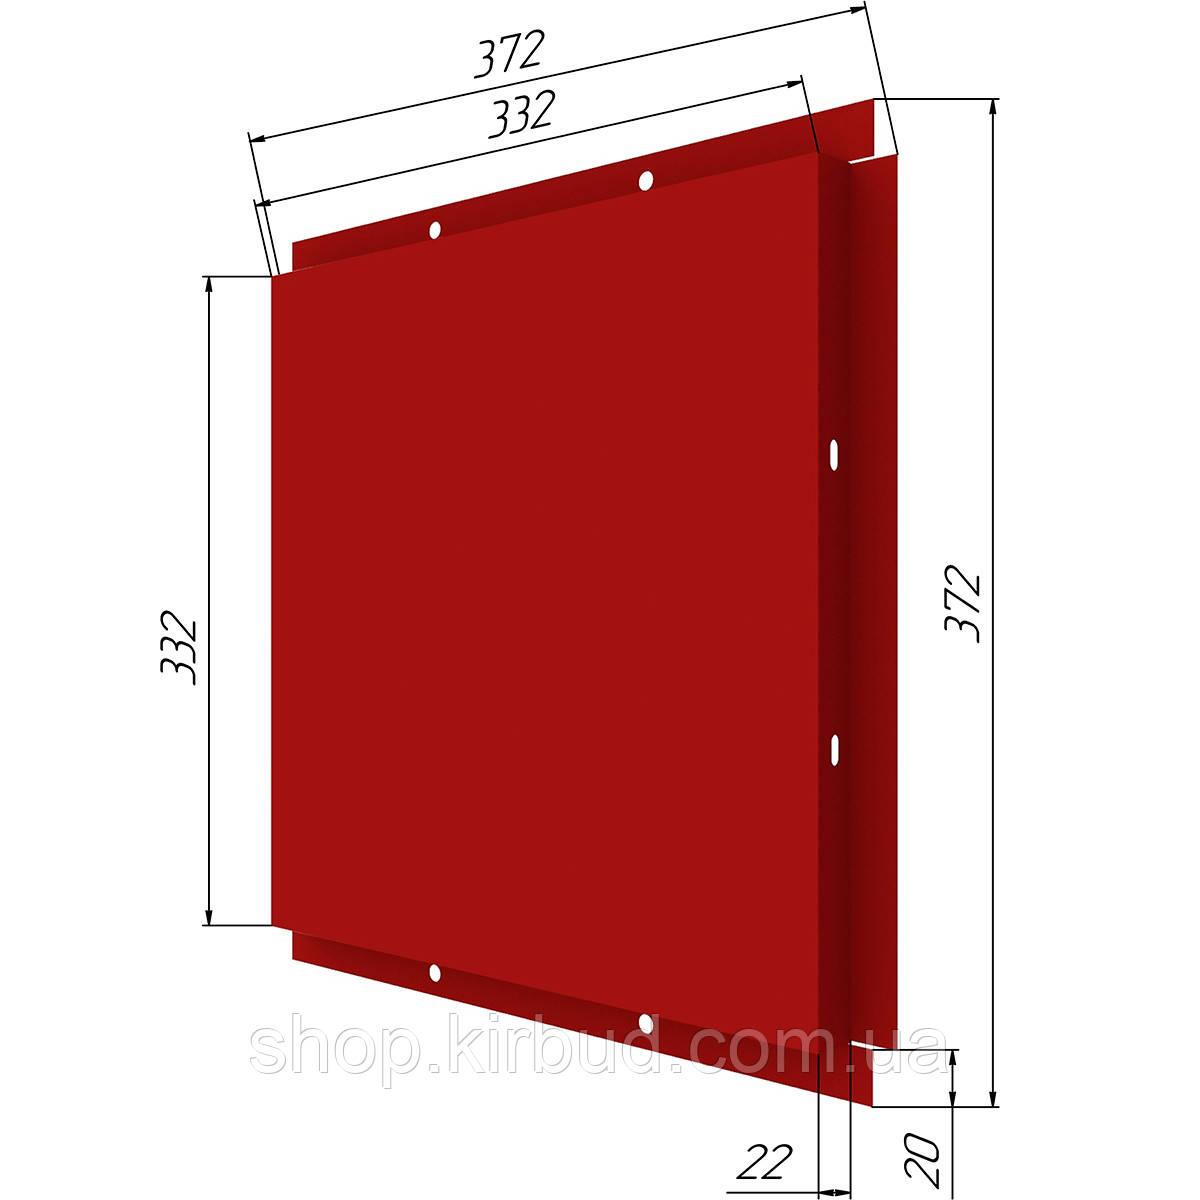 Фасадные касети (под заказ) глянц 0,45мм 372х372мм